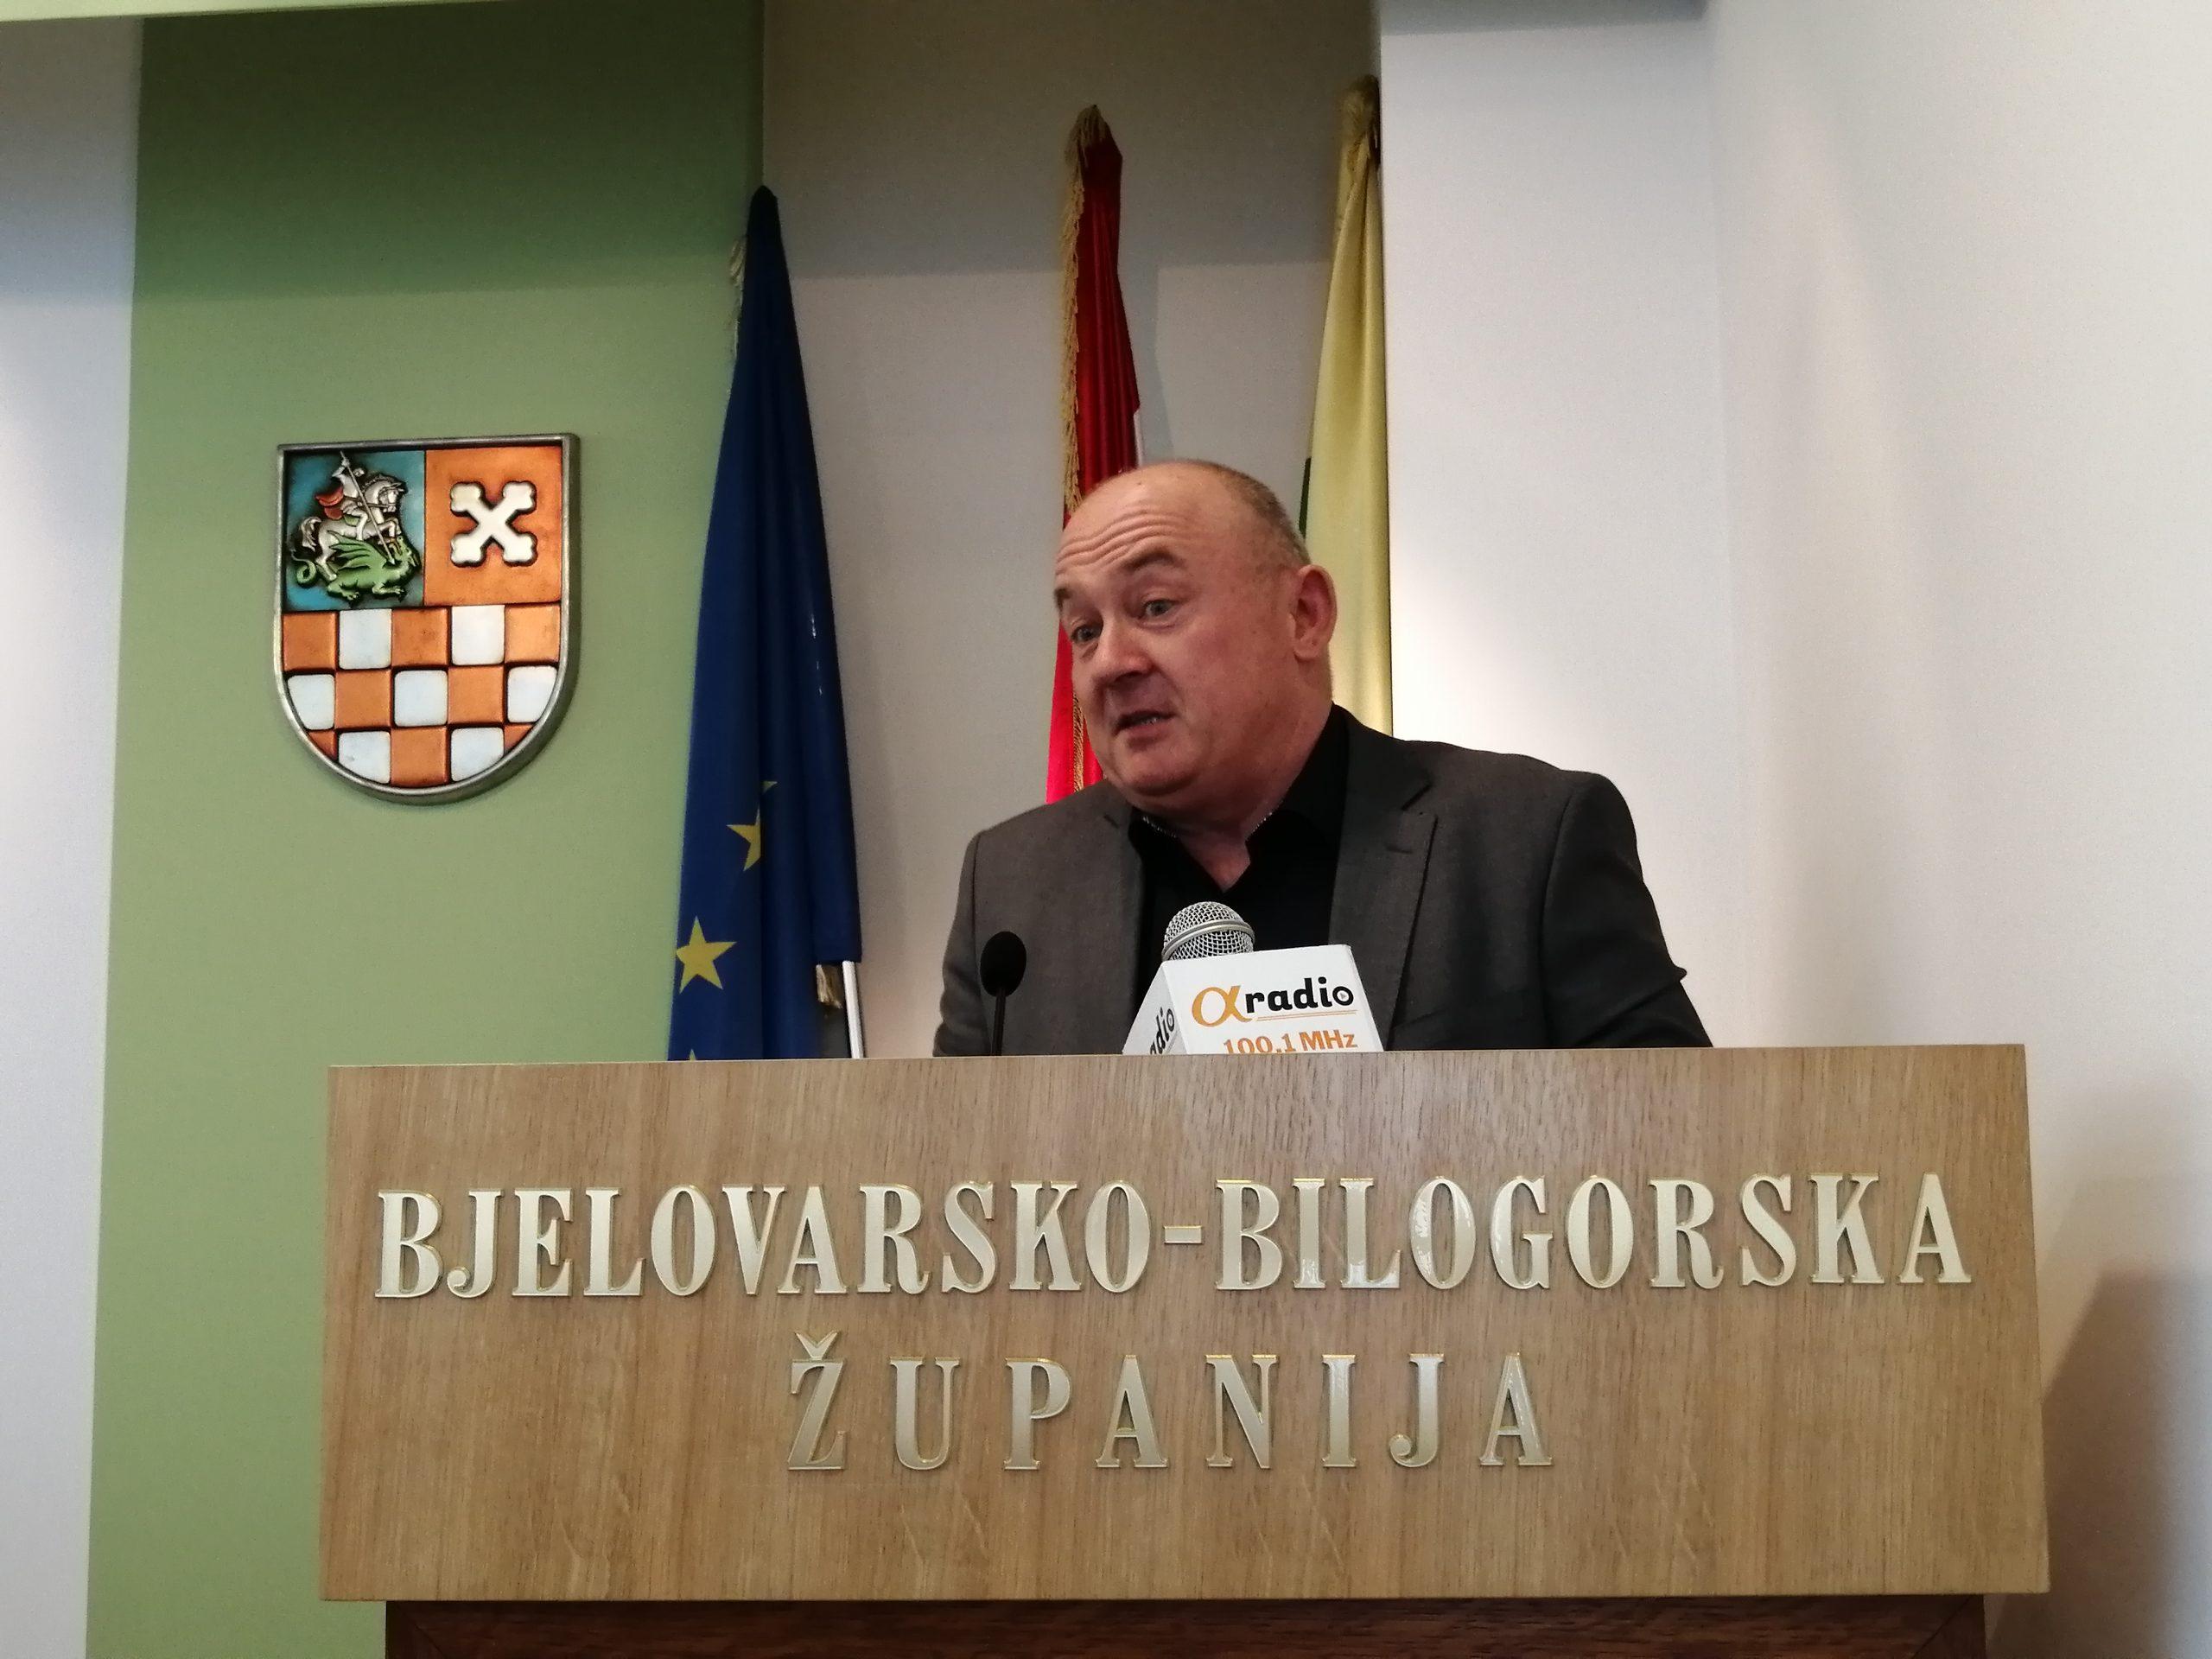 POSIPANJE PEPELOM Drago Hodak se ispričao zbog prozivanja novinarke